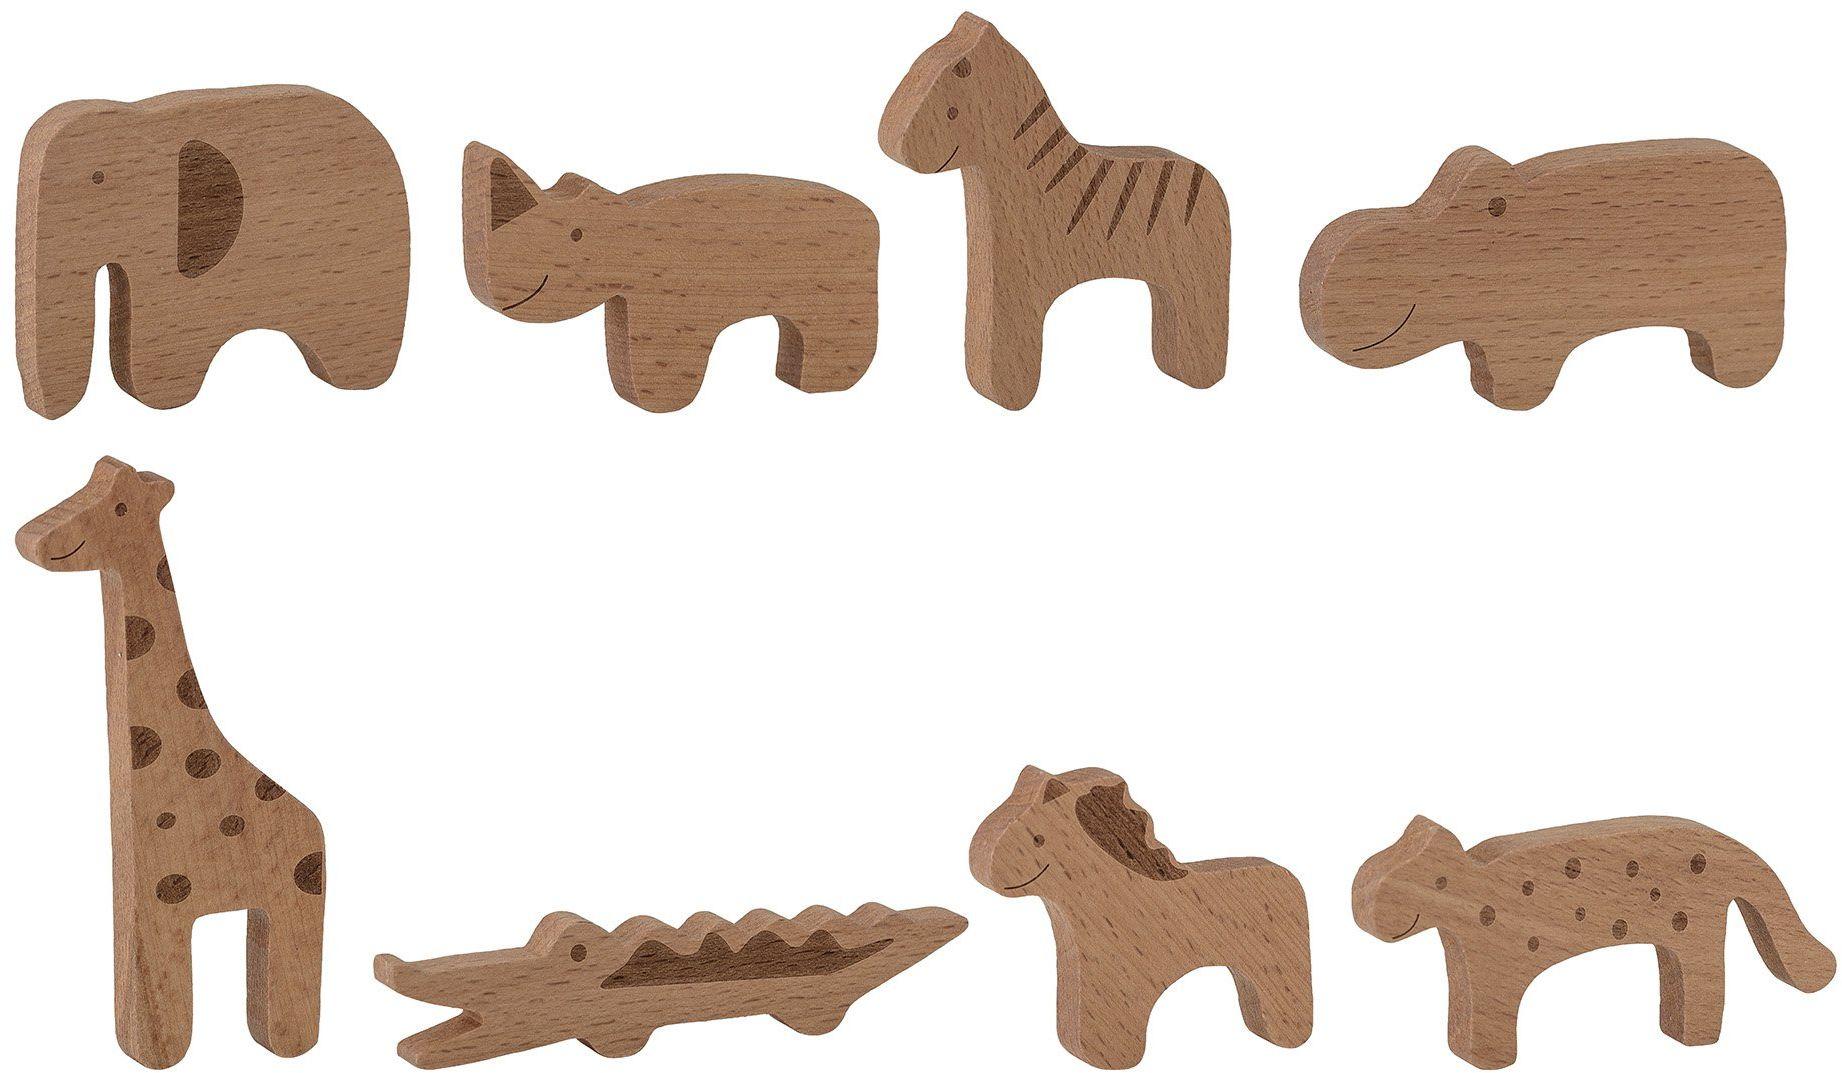 Bloomingville Mini Bianca 8-częściowy zestaw zabawek z drewna bukowego w kolorze naturalnym  10 x 10 x 1 cm (dł./wys./szer.)